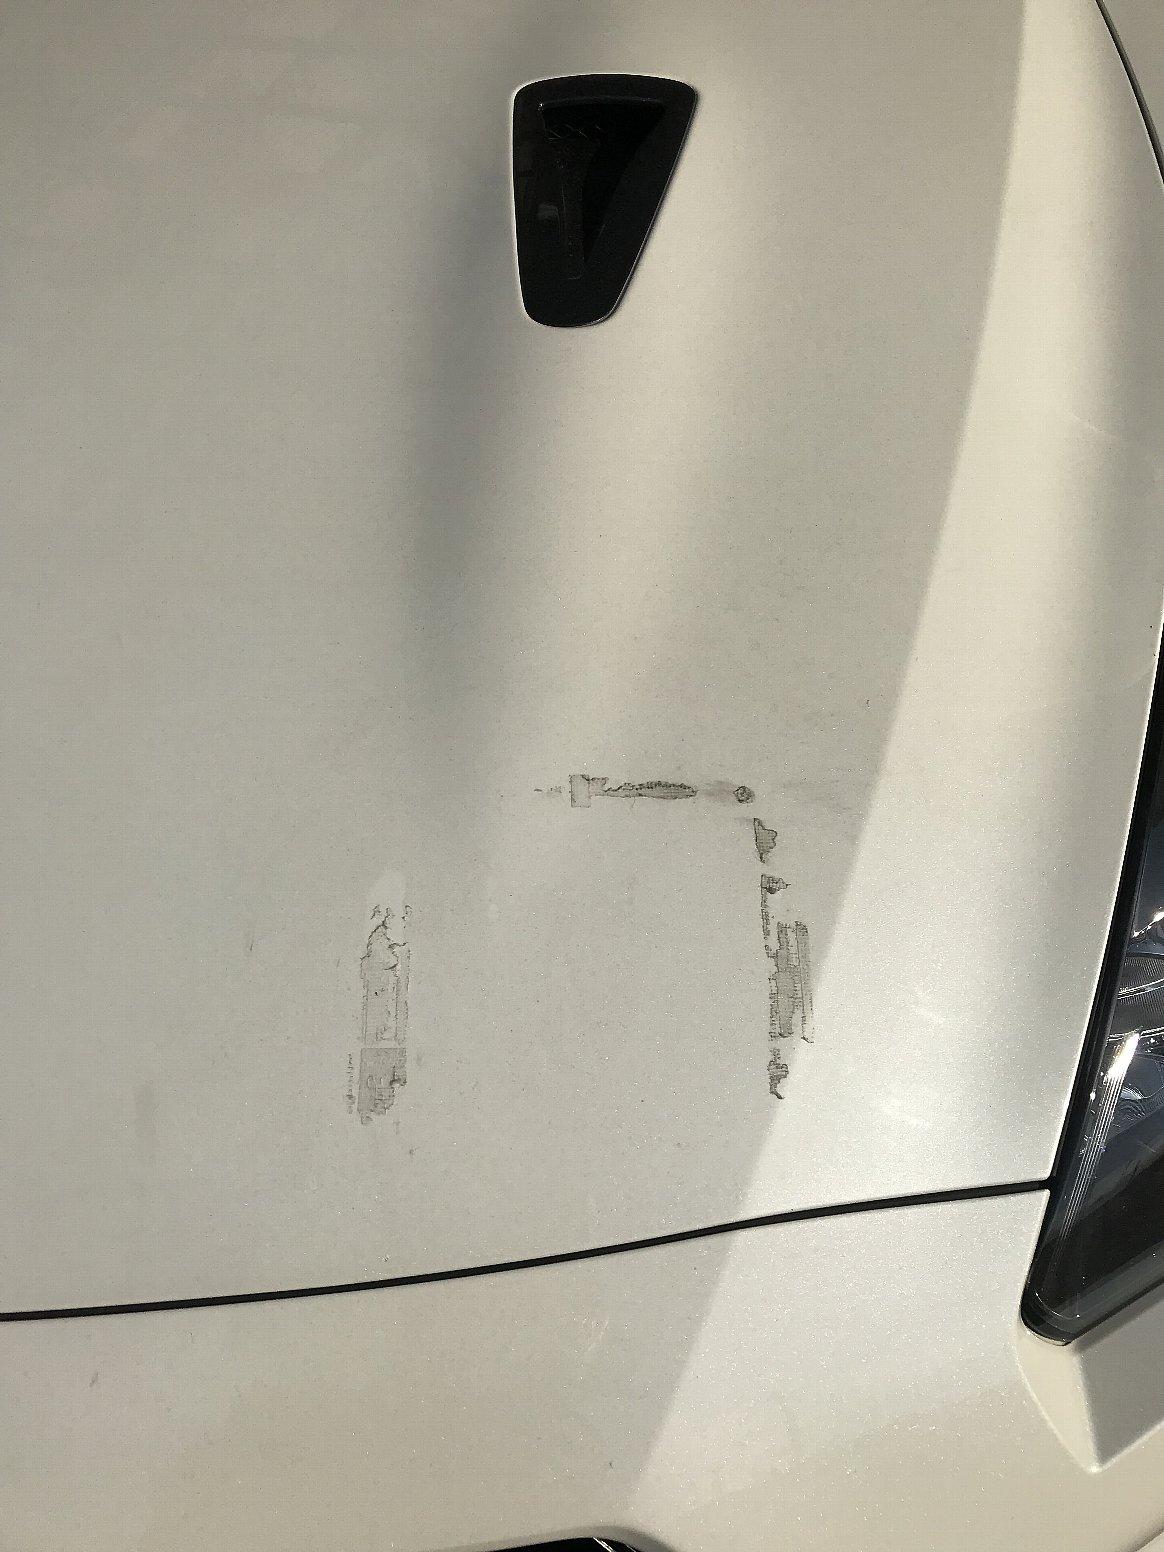 ガムテープ貼付痕の除去